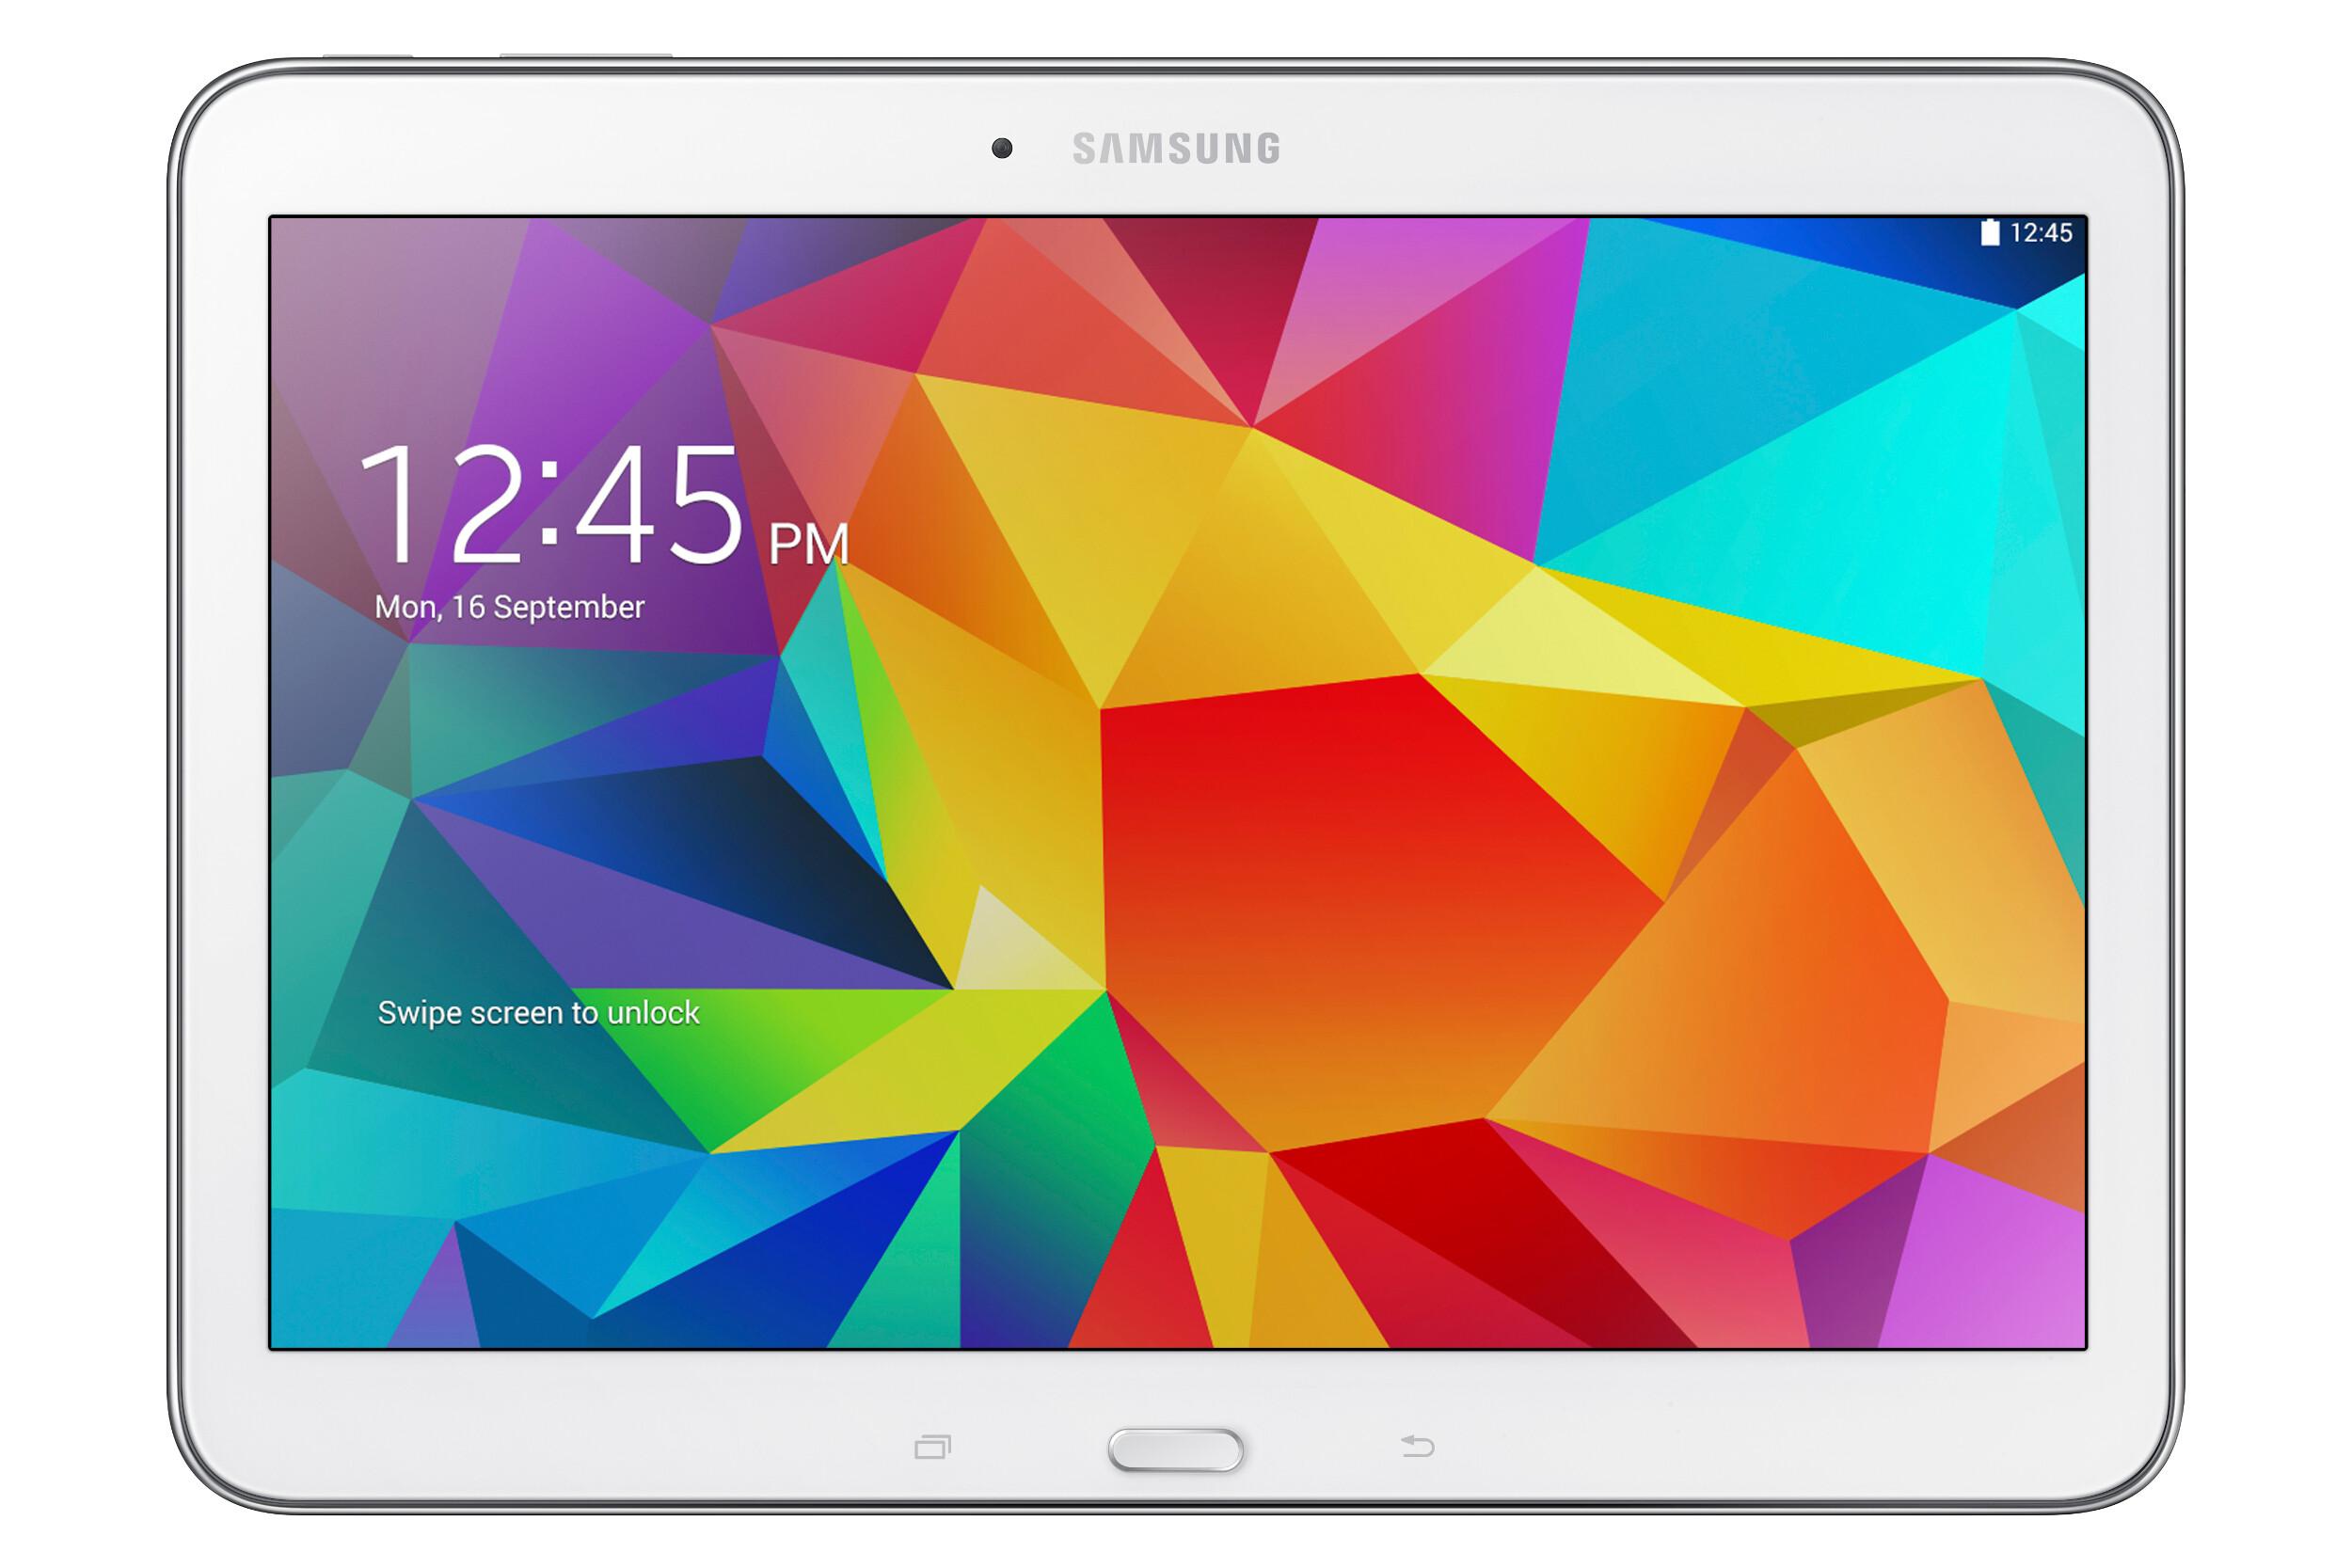 Samsung Galaxy Tab 4 10.1 Photos